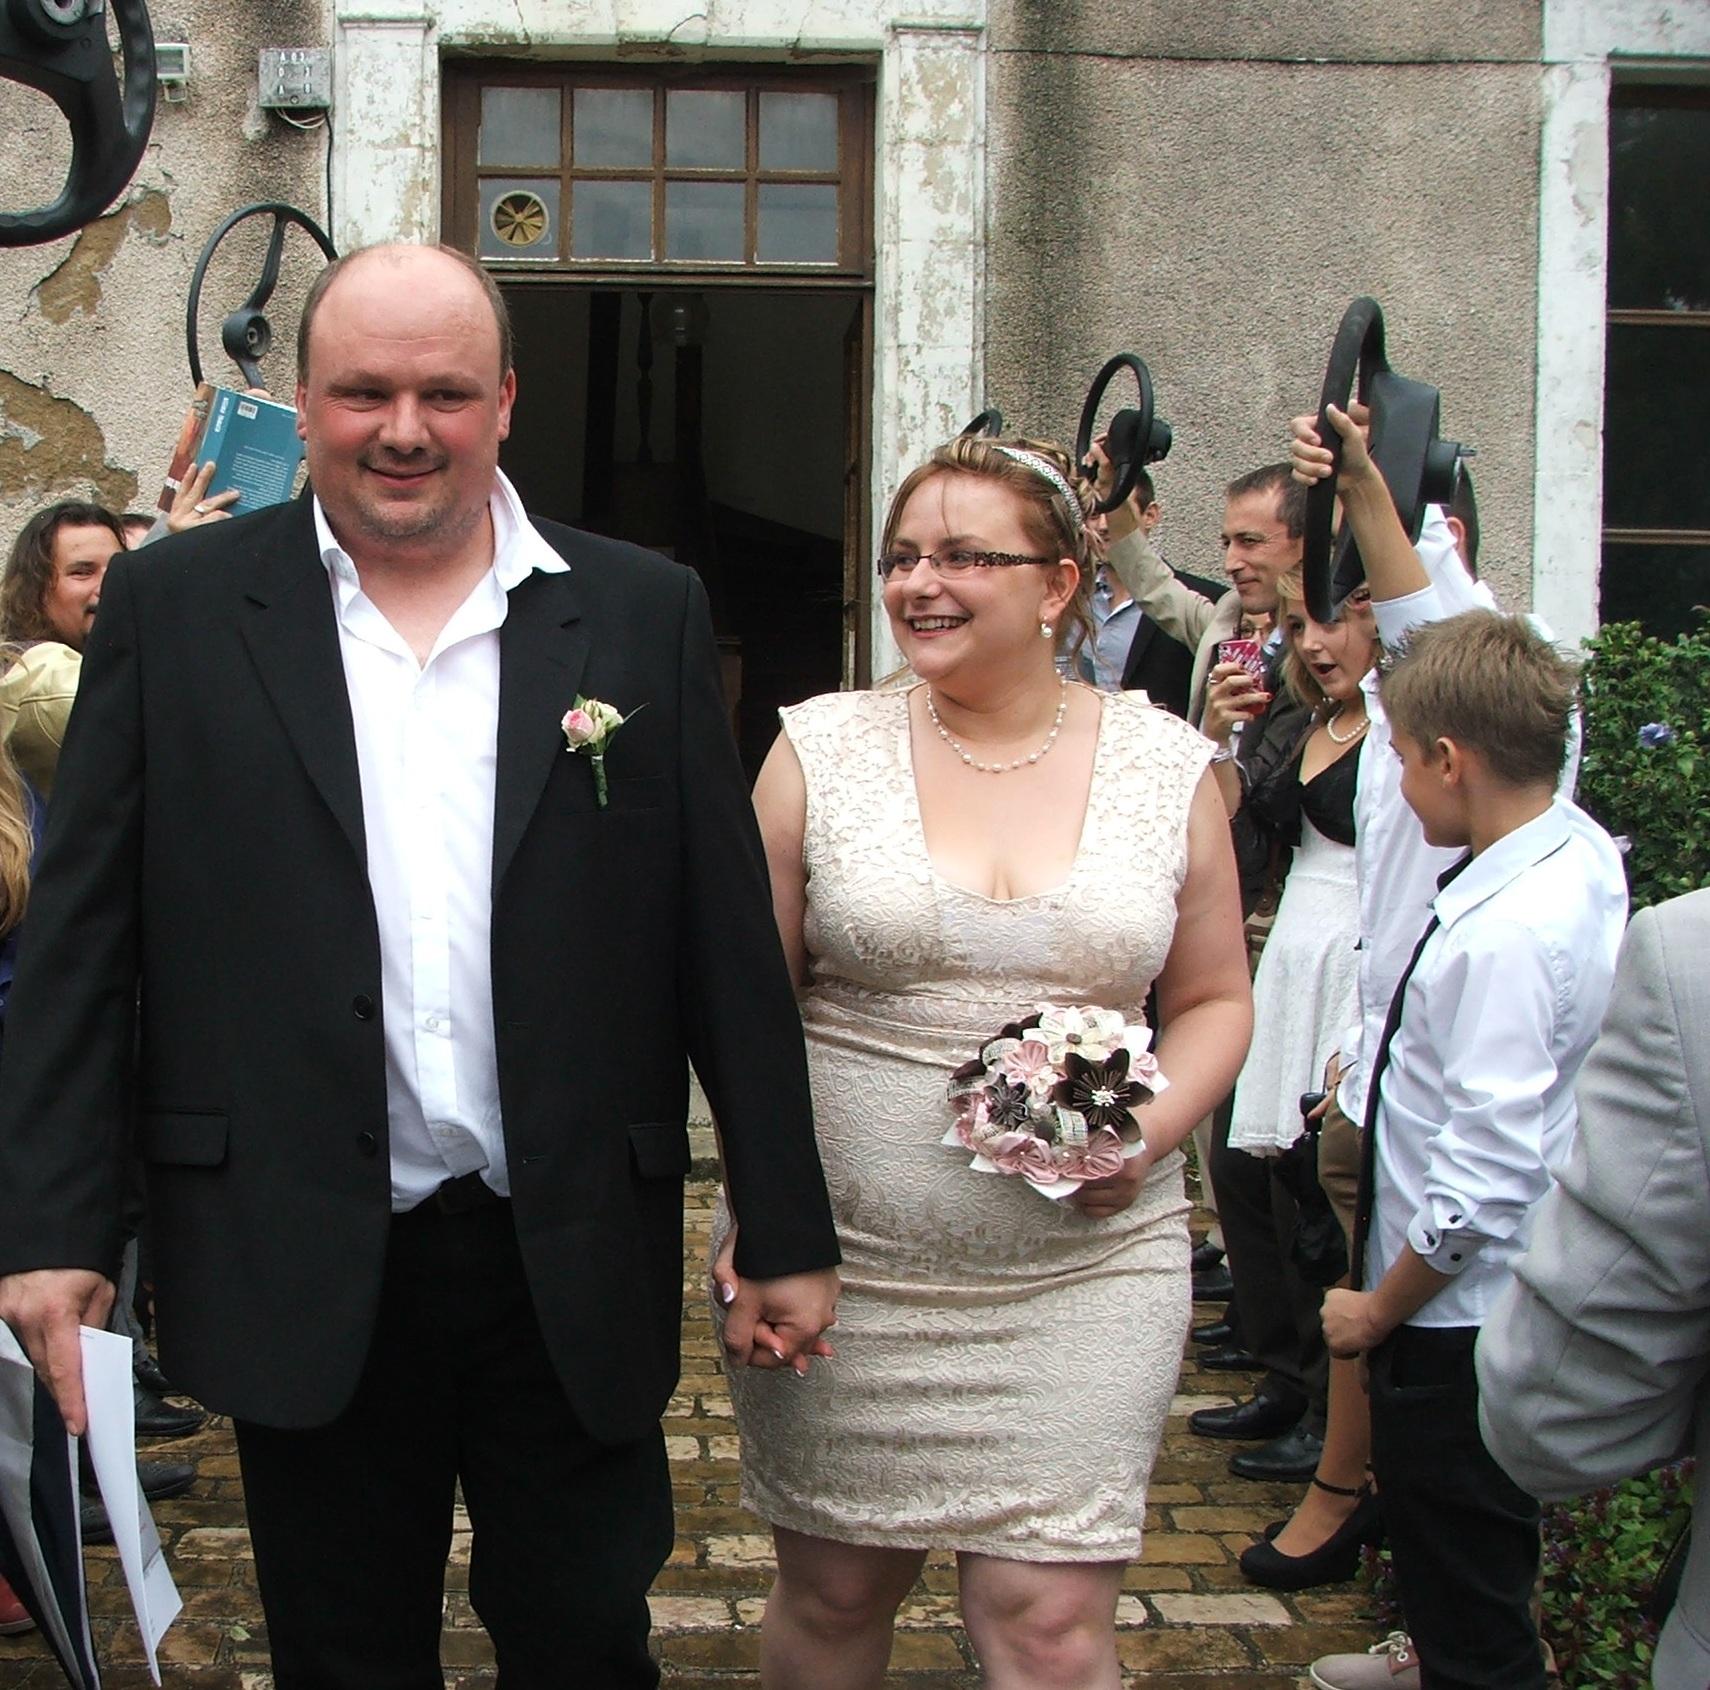 Mon mariage tout en douceur : la cérémonie civile et ses surprises !